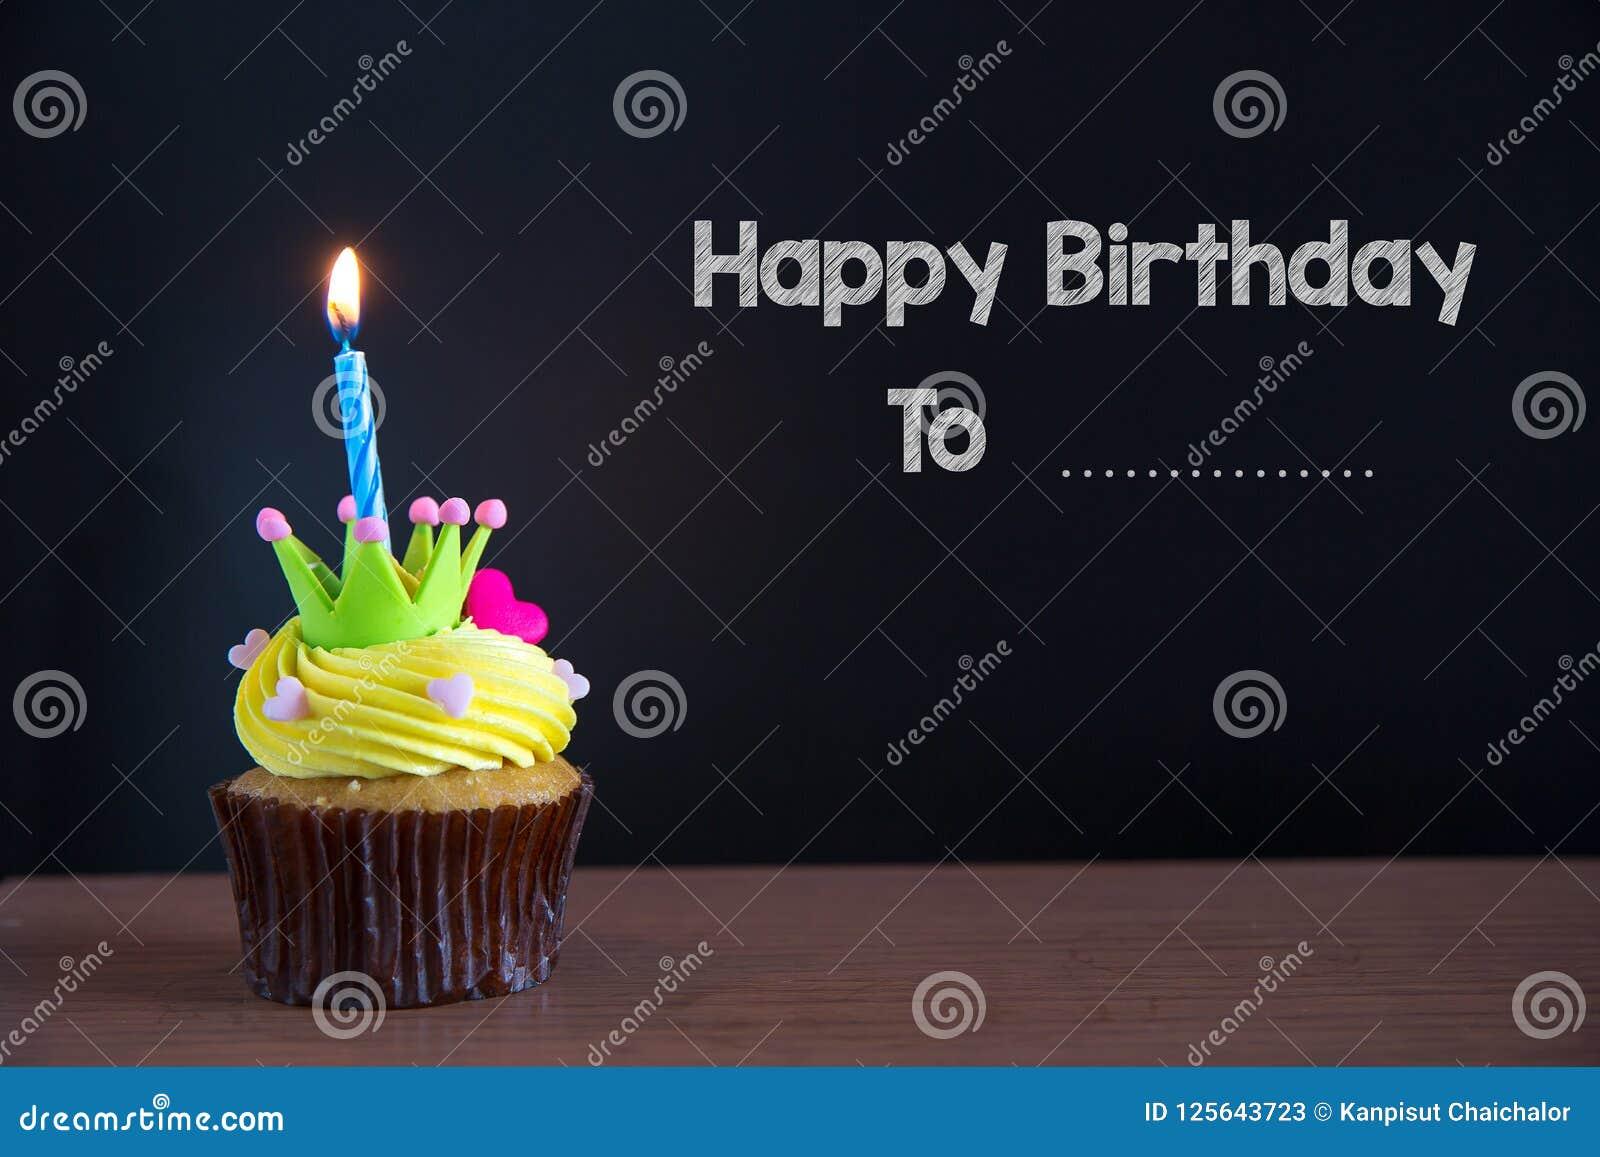 Mettez en forme de tasse le gâteau et joyeux anniversaire le texte sur le fond de tableau